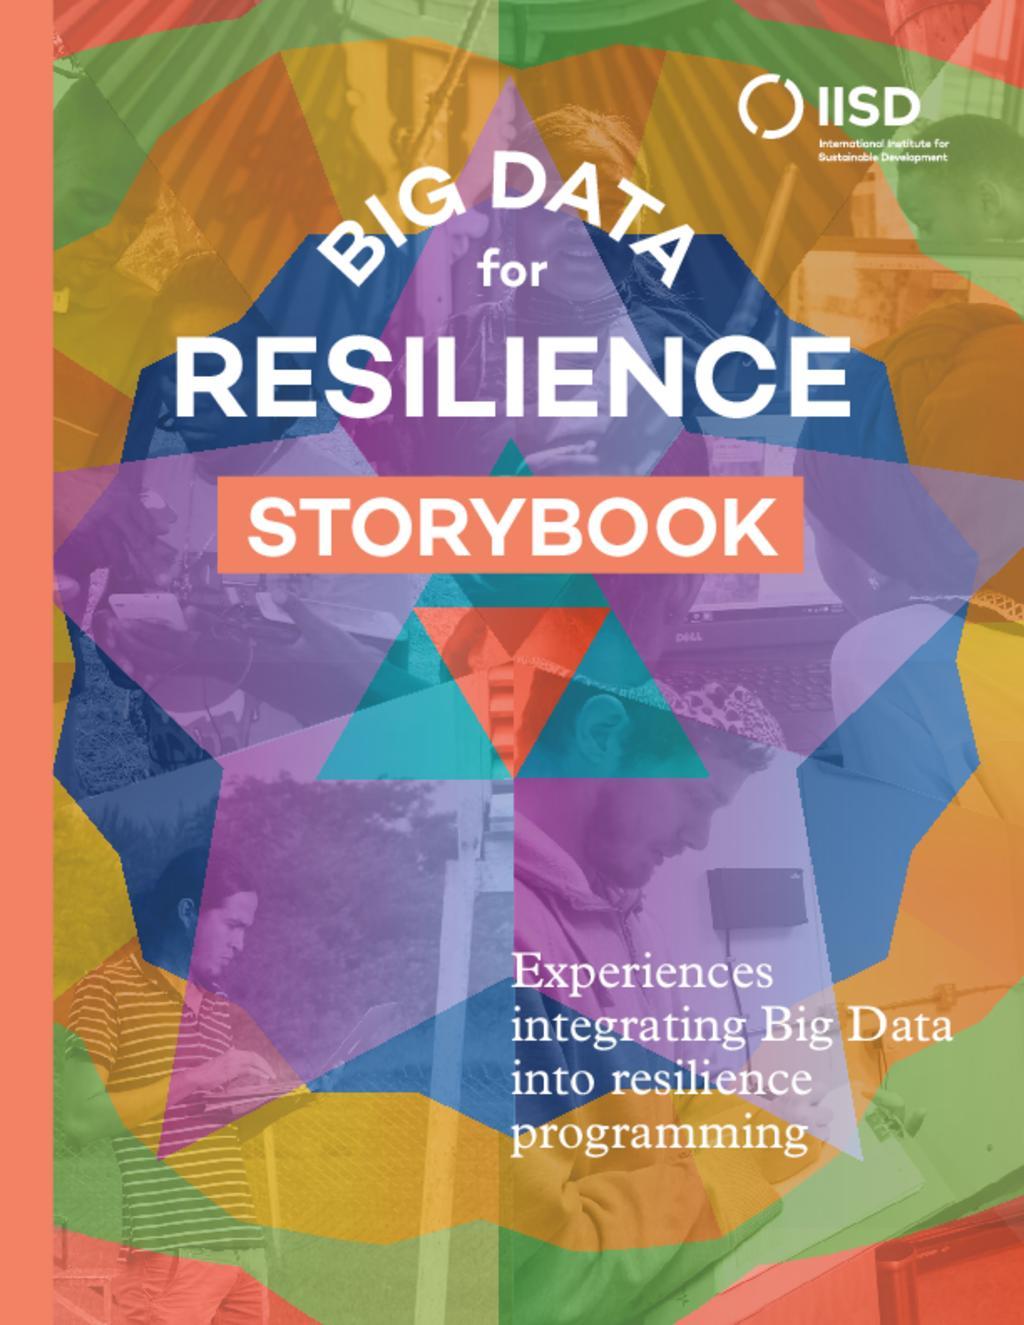 Big Data resilience